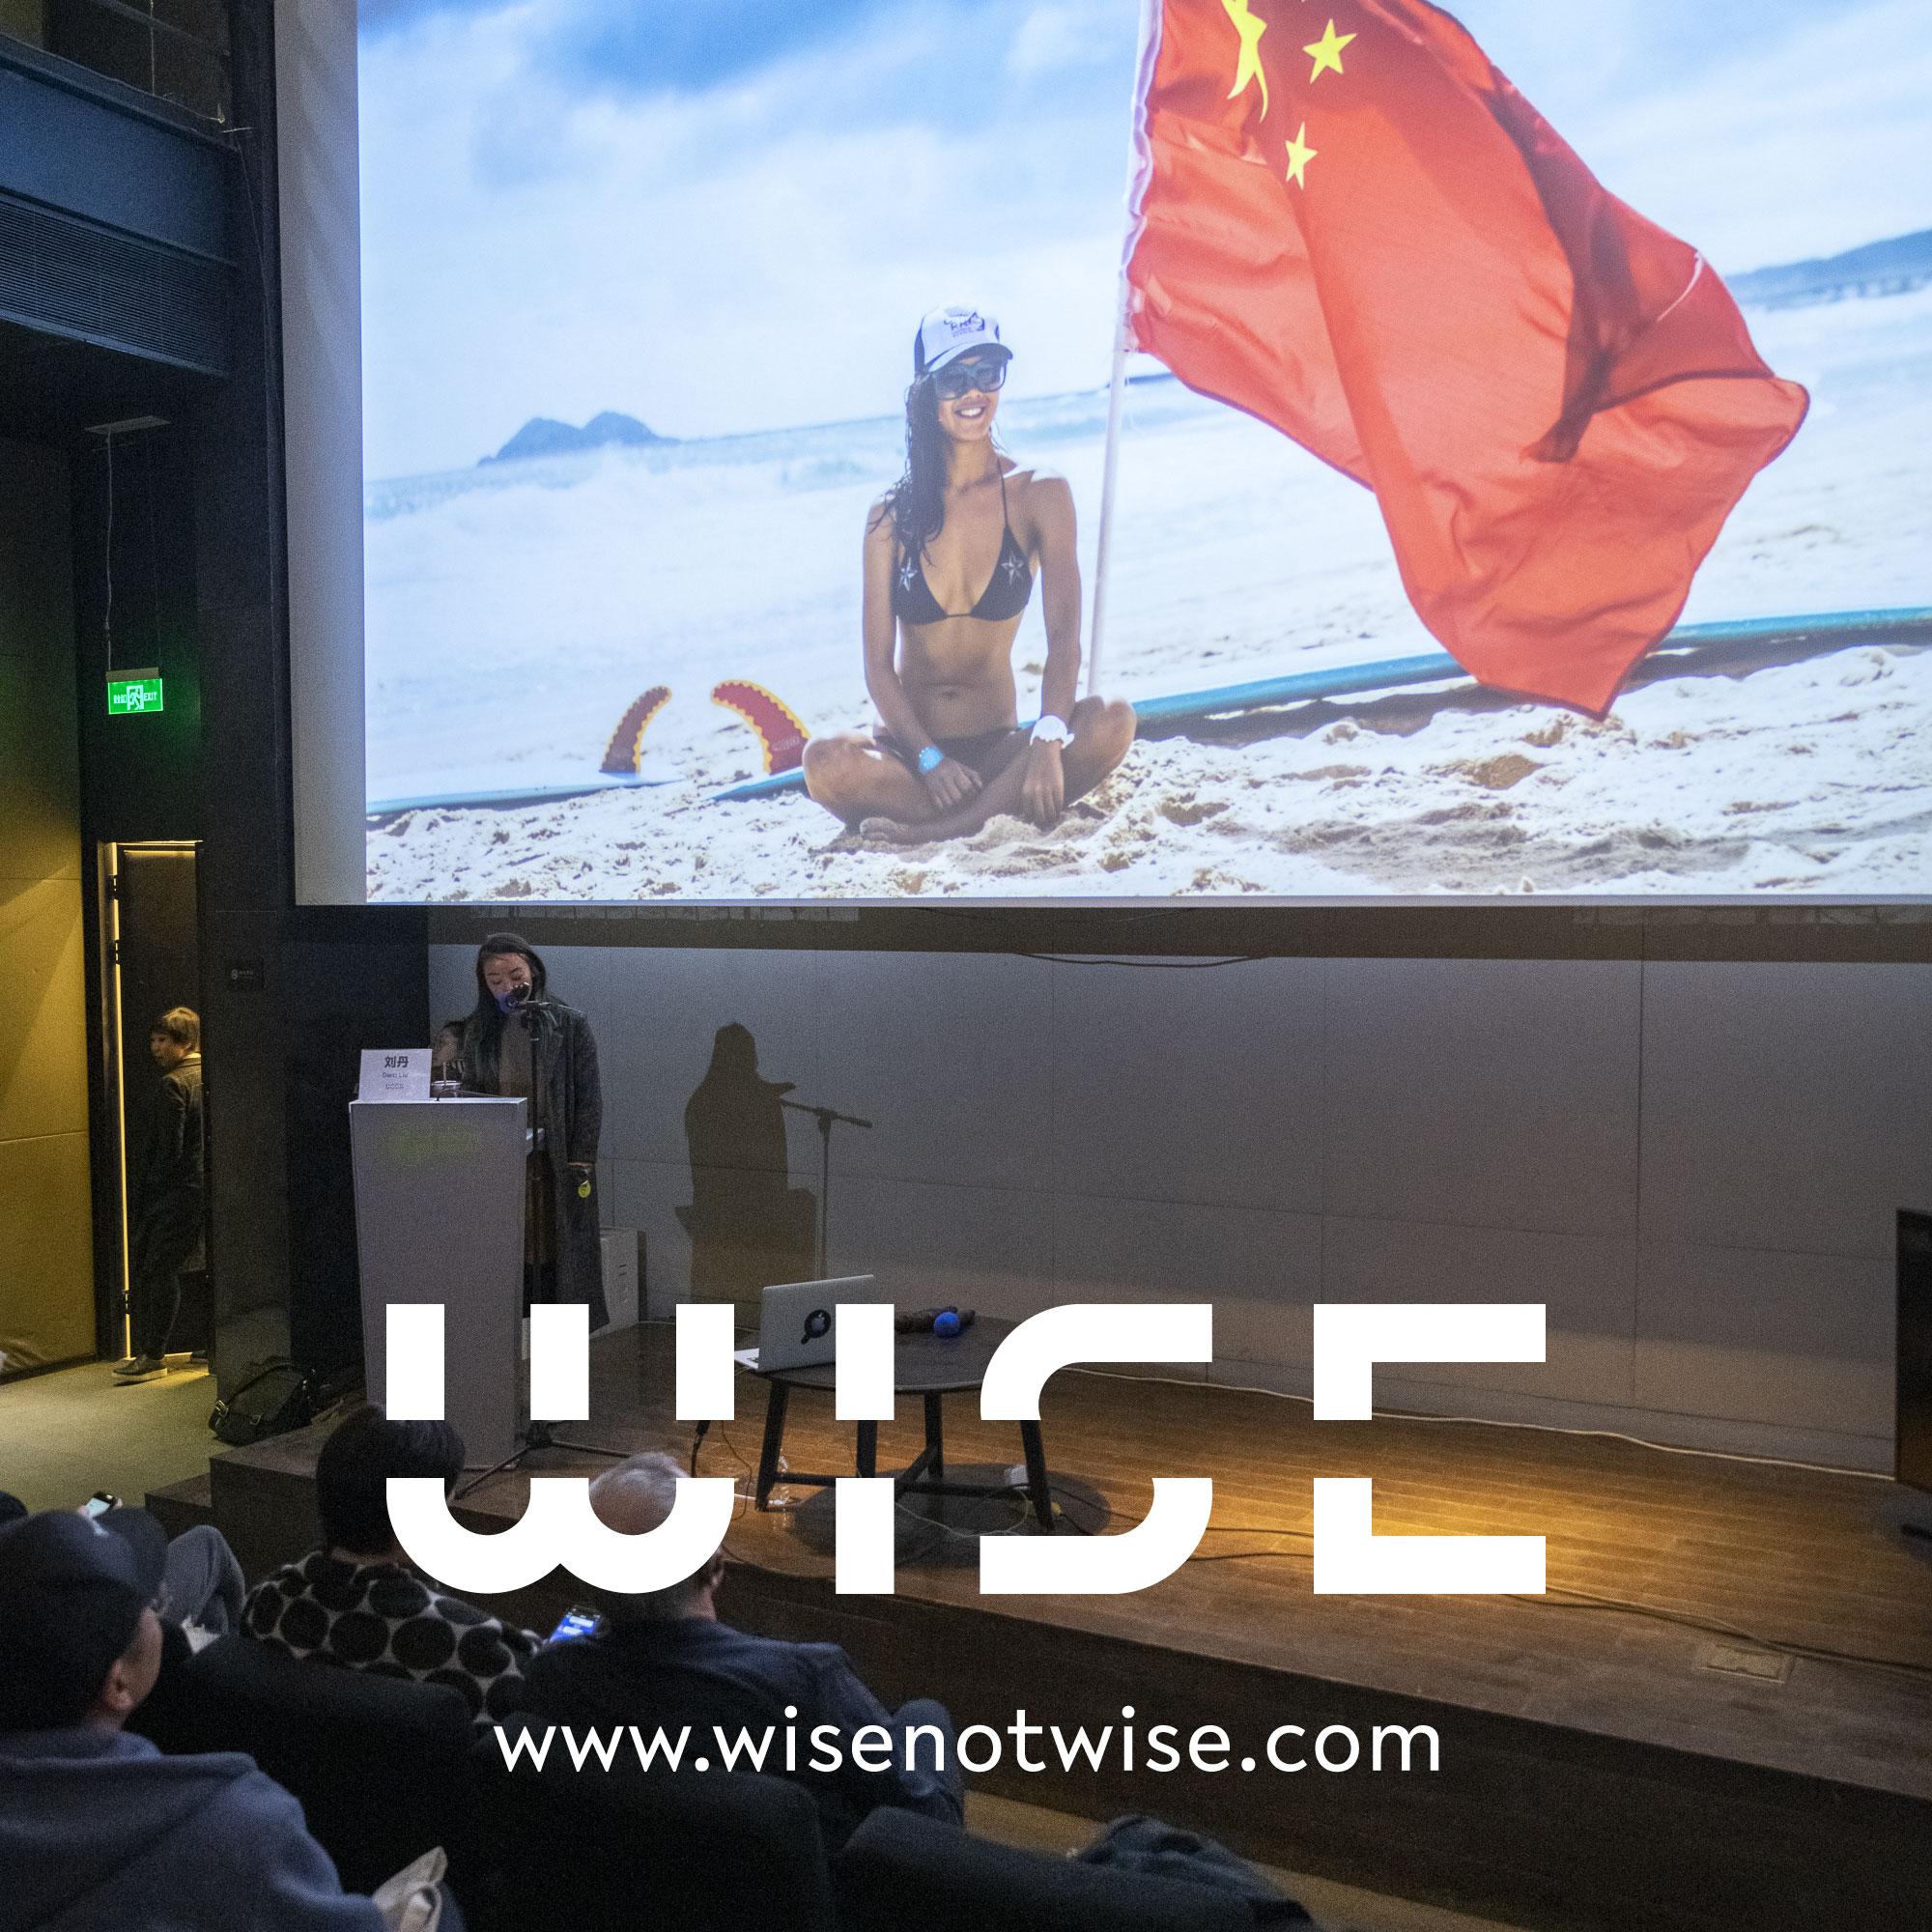 WISE_DOCU_LOGO_2018_49.jpg